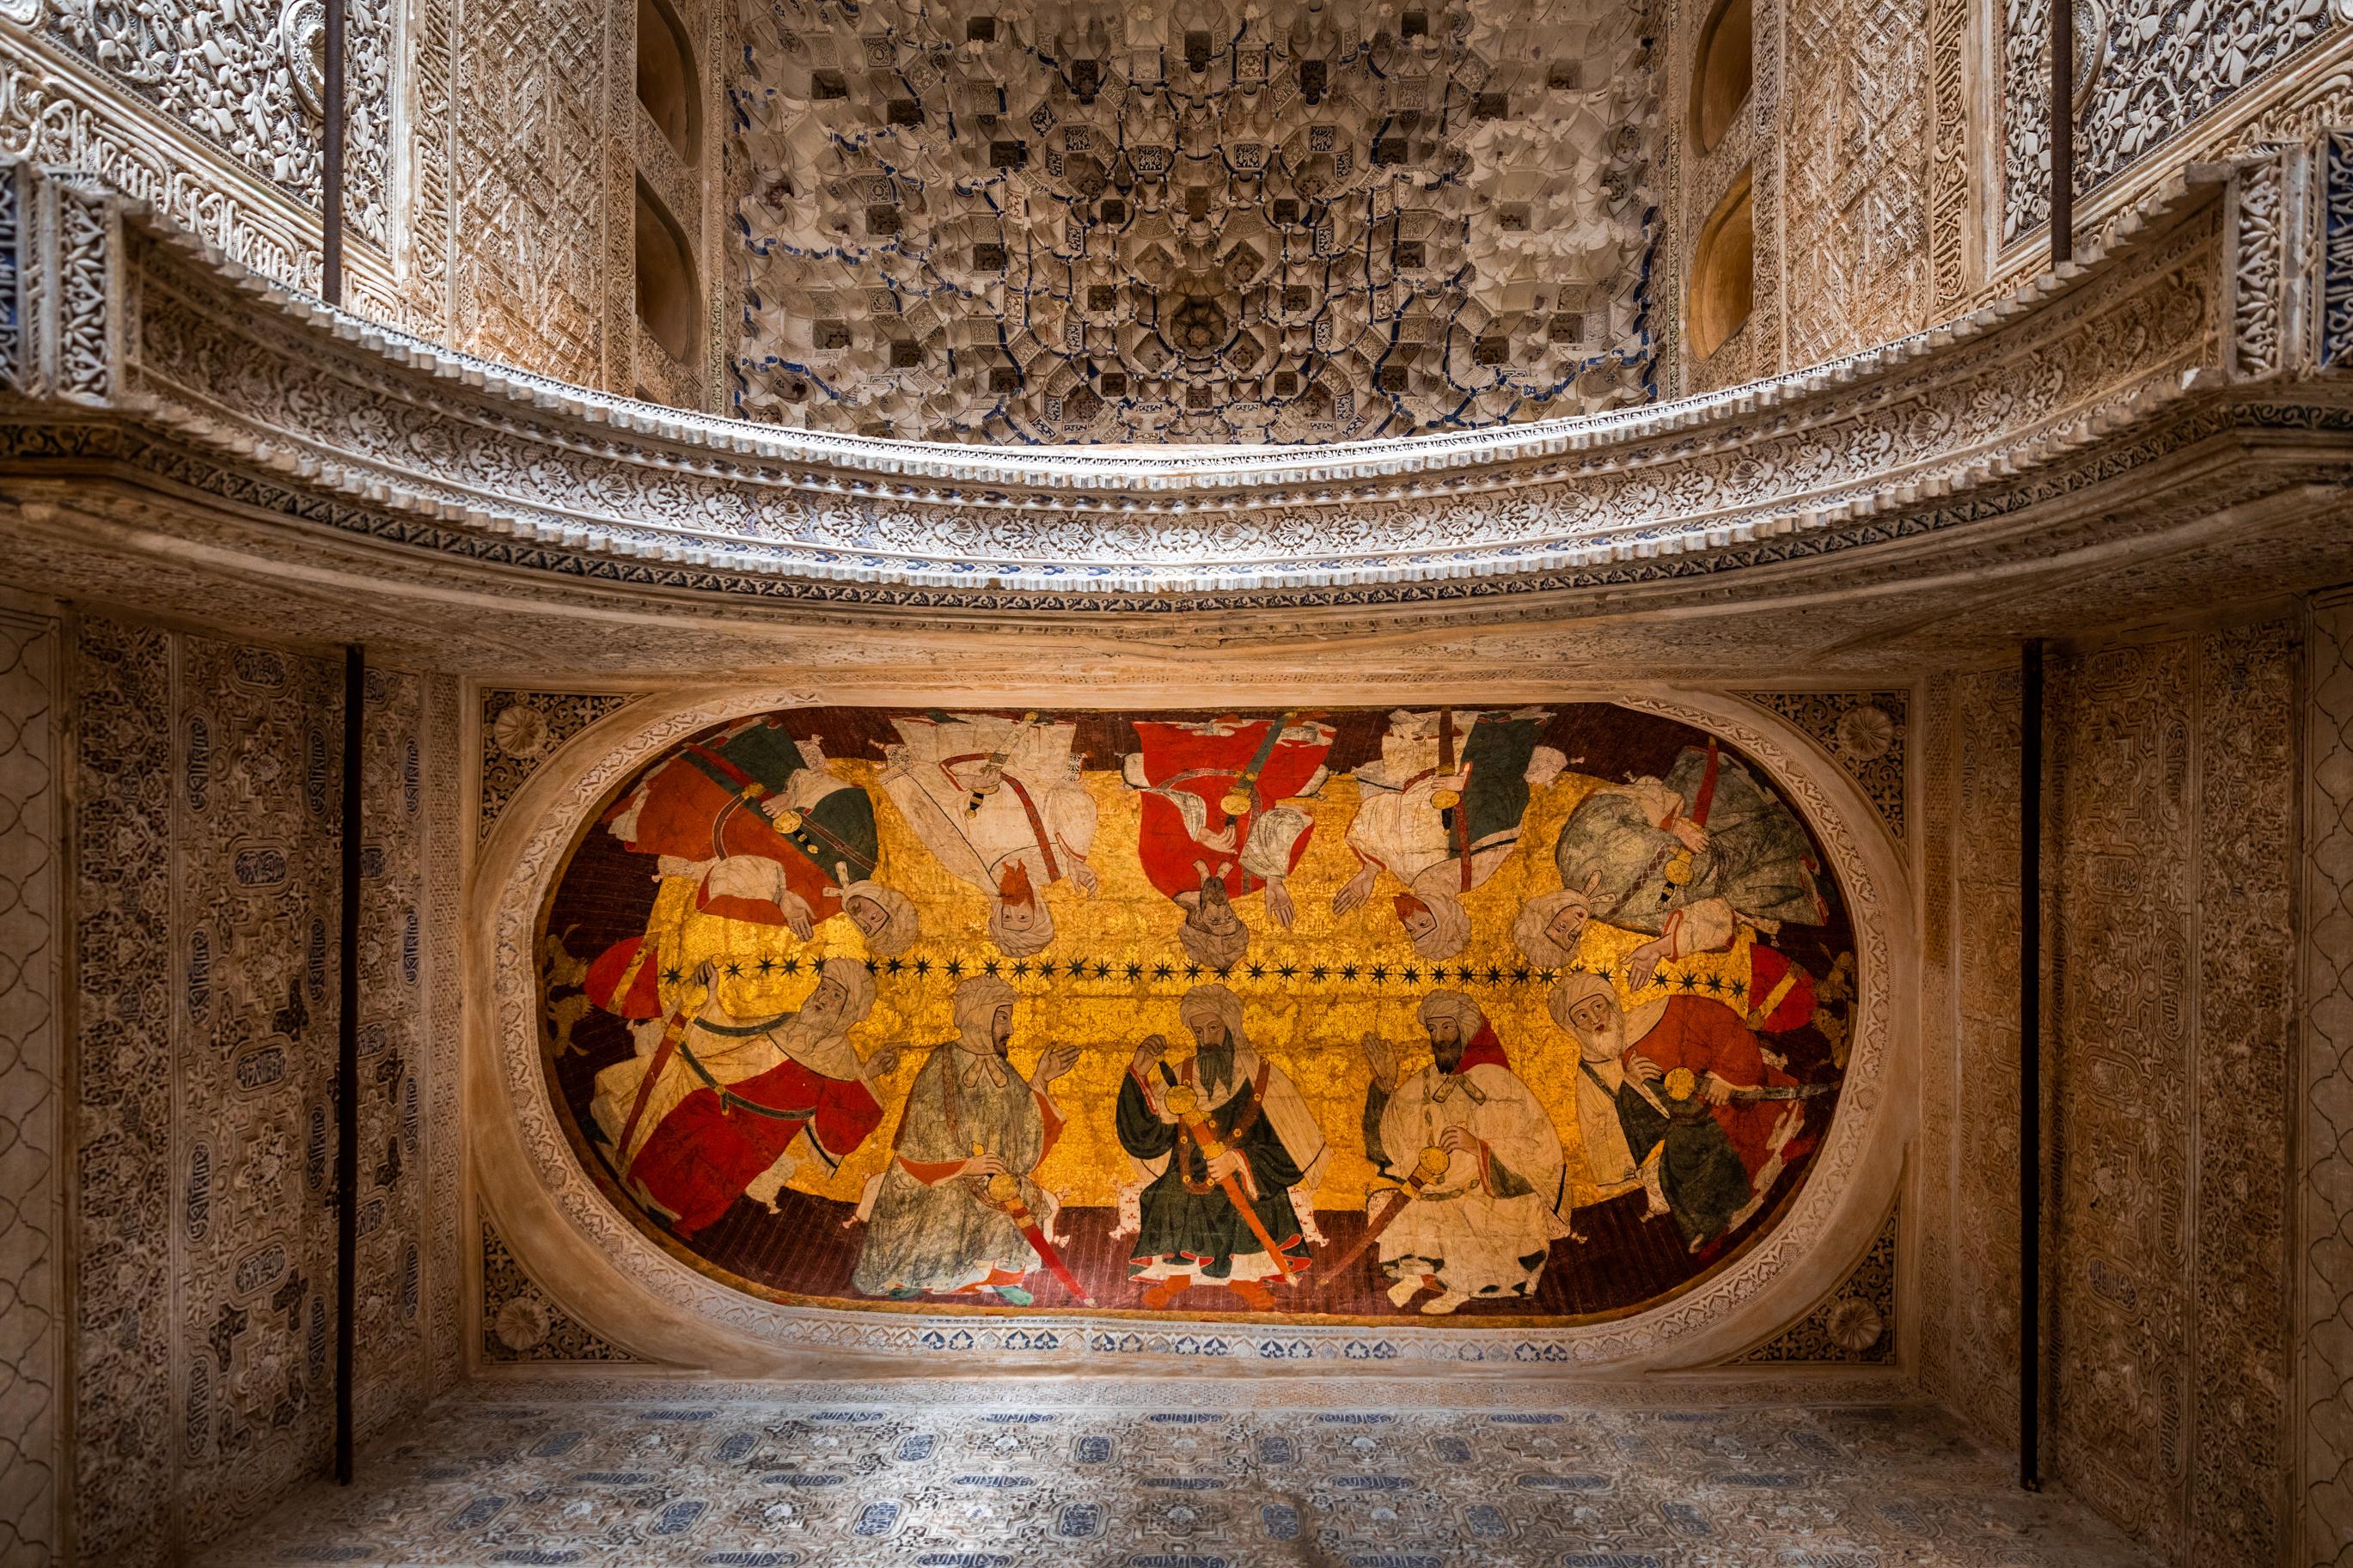 La restauración de las bóvedas con pinturas de la Sala de los Reyes, preseleccionada para los premios europeos ILUCIDARE